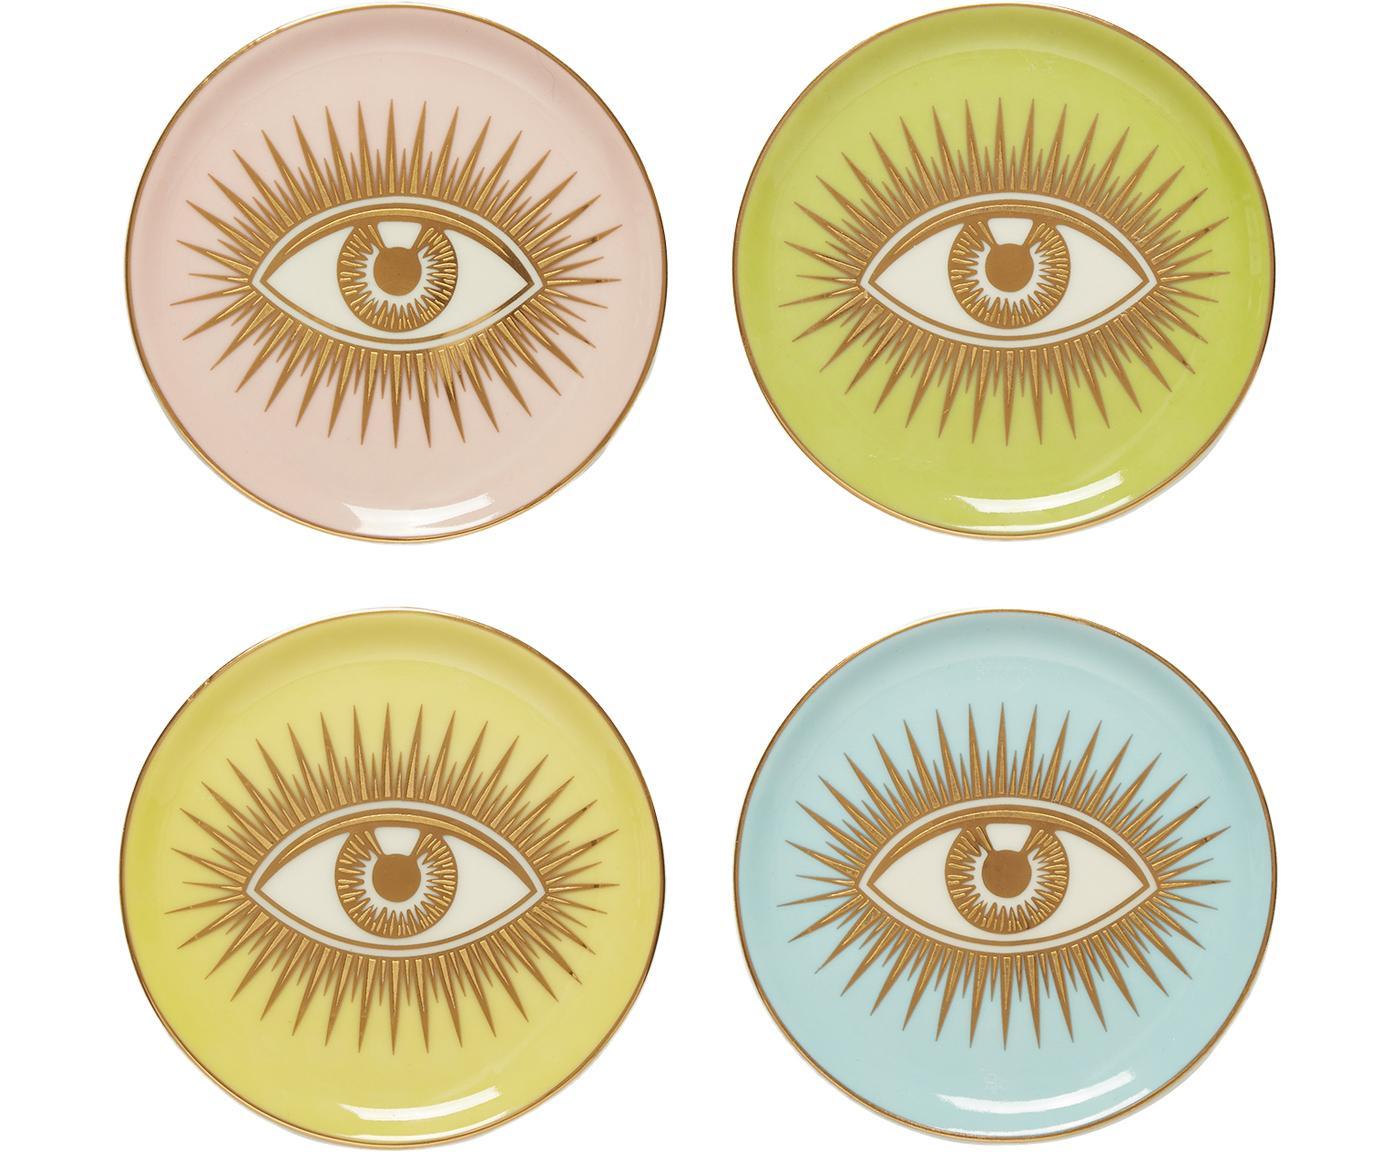 Set sottobicchieri Le Wink 4 pz, Porcellana, Multicolore, Ø 10 x Alt. 2 cm